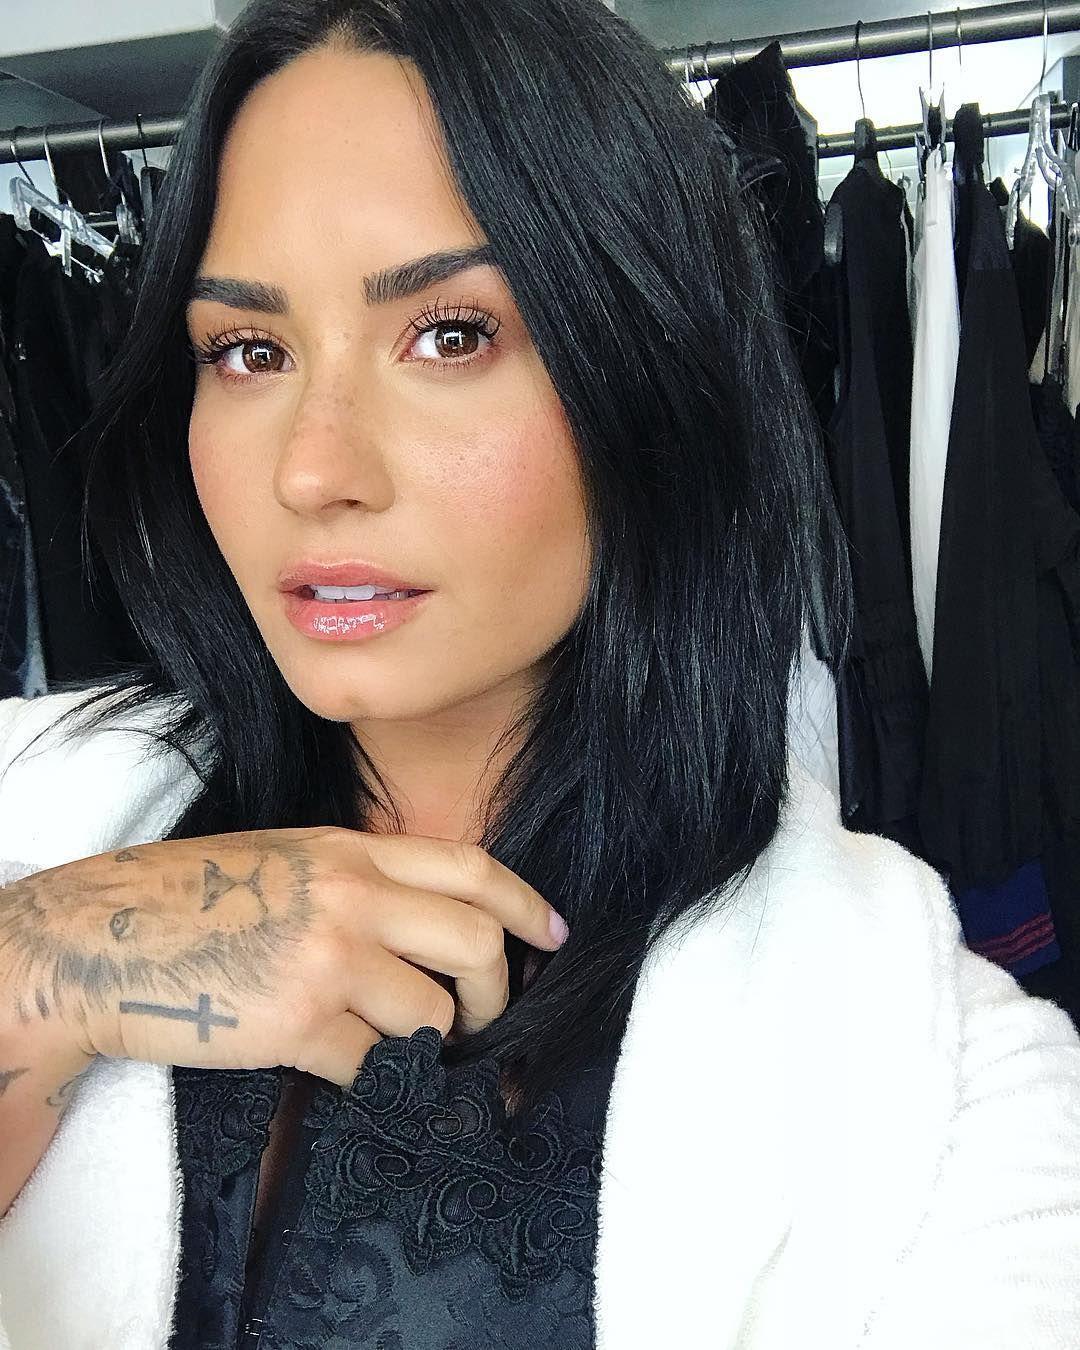 El Significado De Los Tatuajes De Las Celebrities Los Tatuajes De